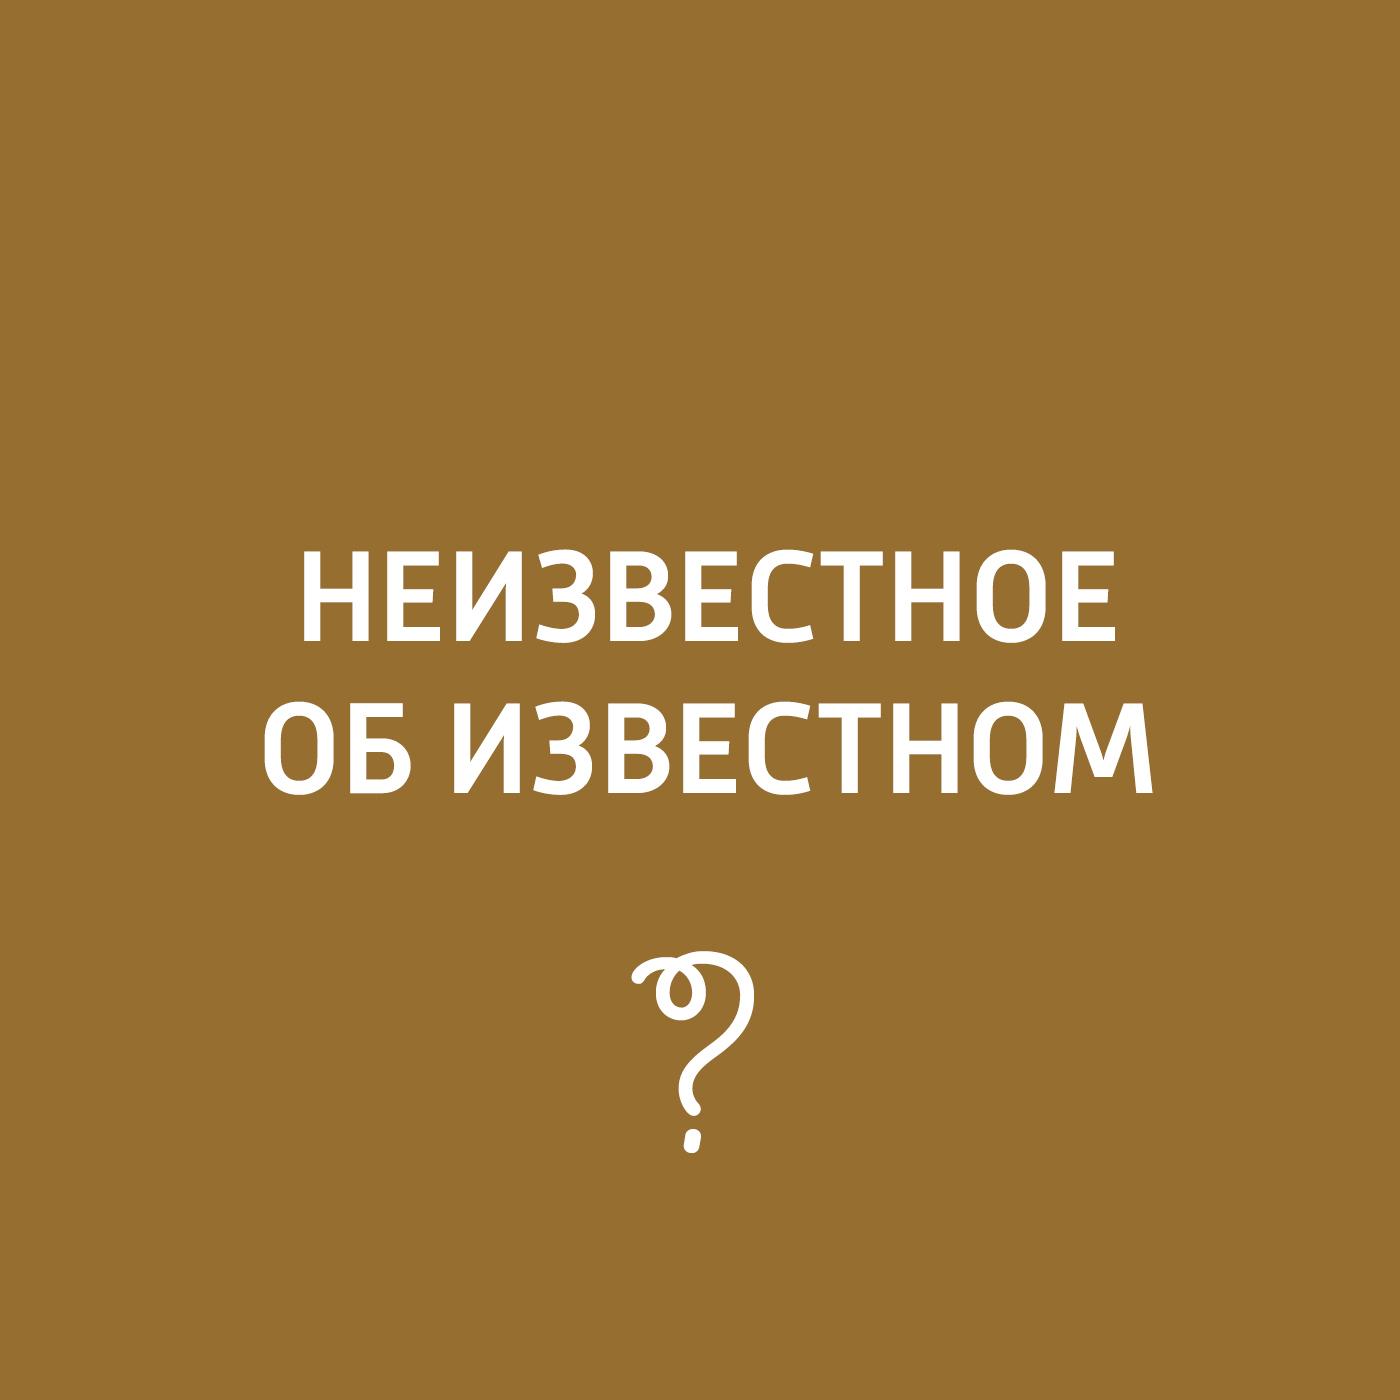 Творческий коллектив программы «Пора домой» Александр Куприн куприн александр иванович яма поединок